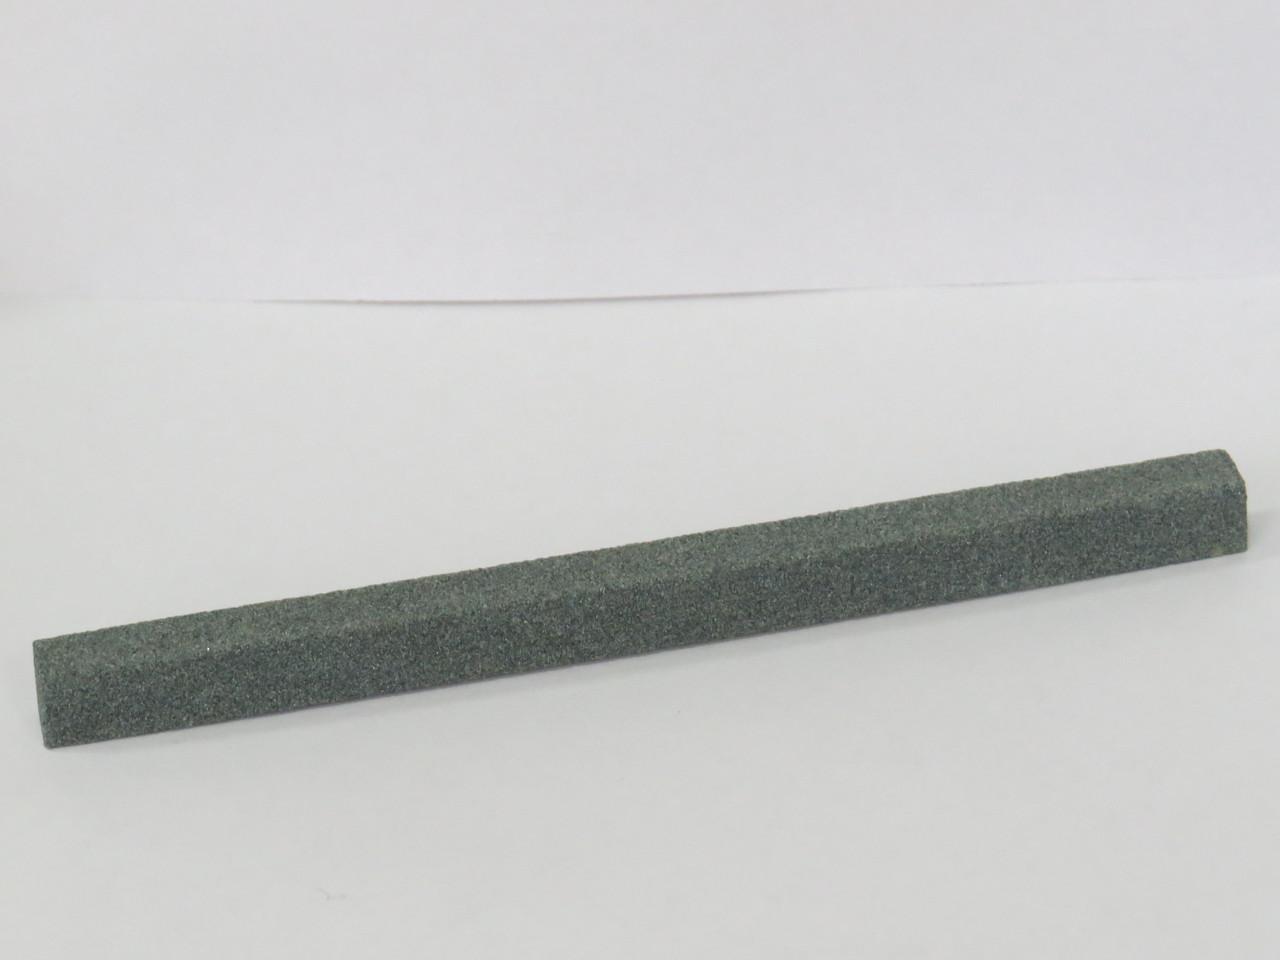 Абразивный шлифовальный брусок 10х10х150 Р10 64С (F120) СМ